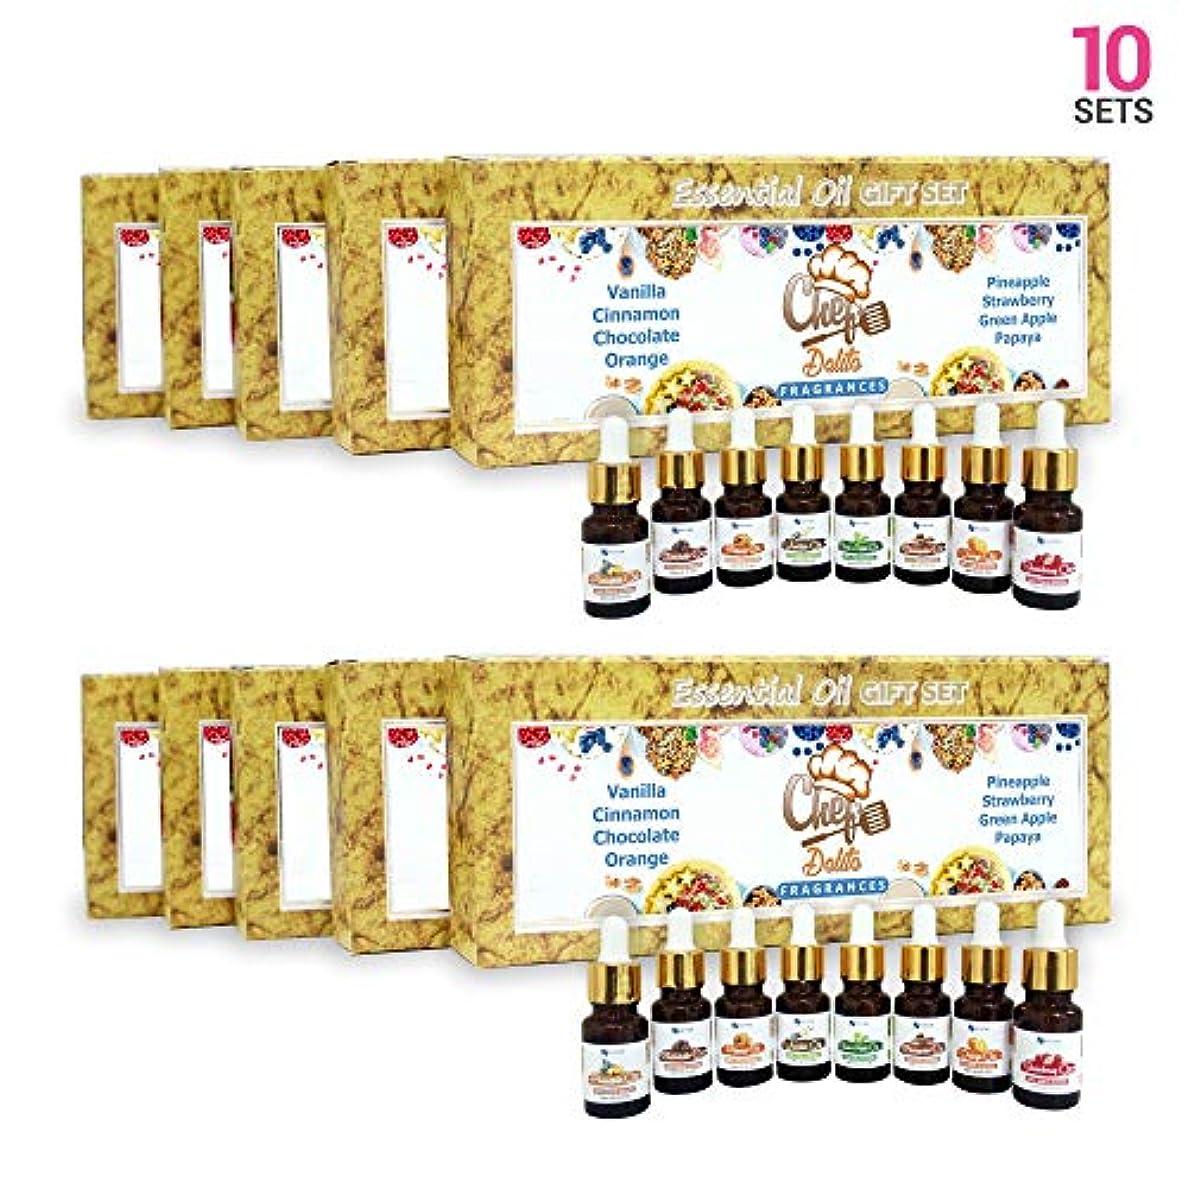 びんステンレス高尚なAromatherapy Fragrance Oils (Set of 10) - 100% Natural Therapeutic Essential Oils, 10ml each (Vanilla, Cinnamon...